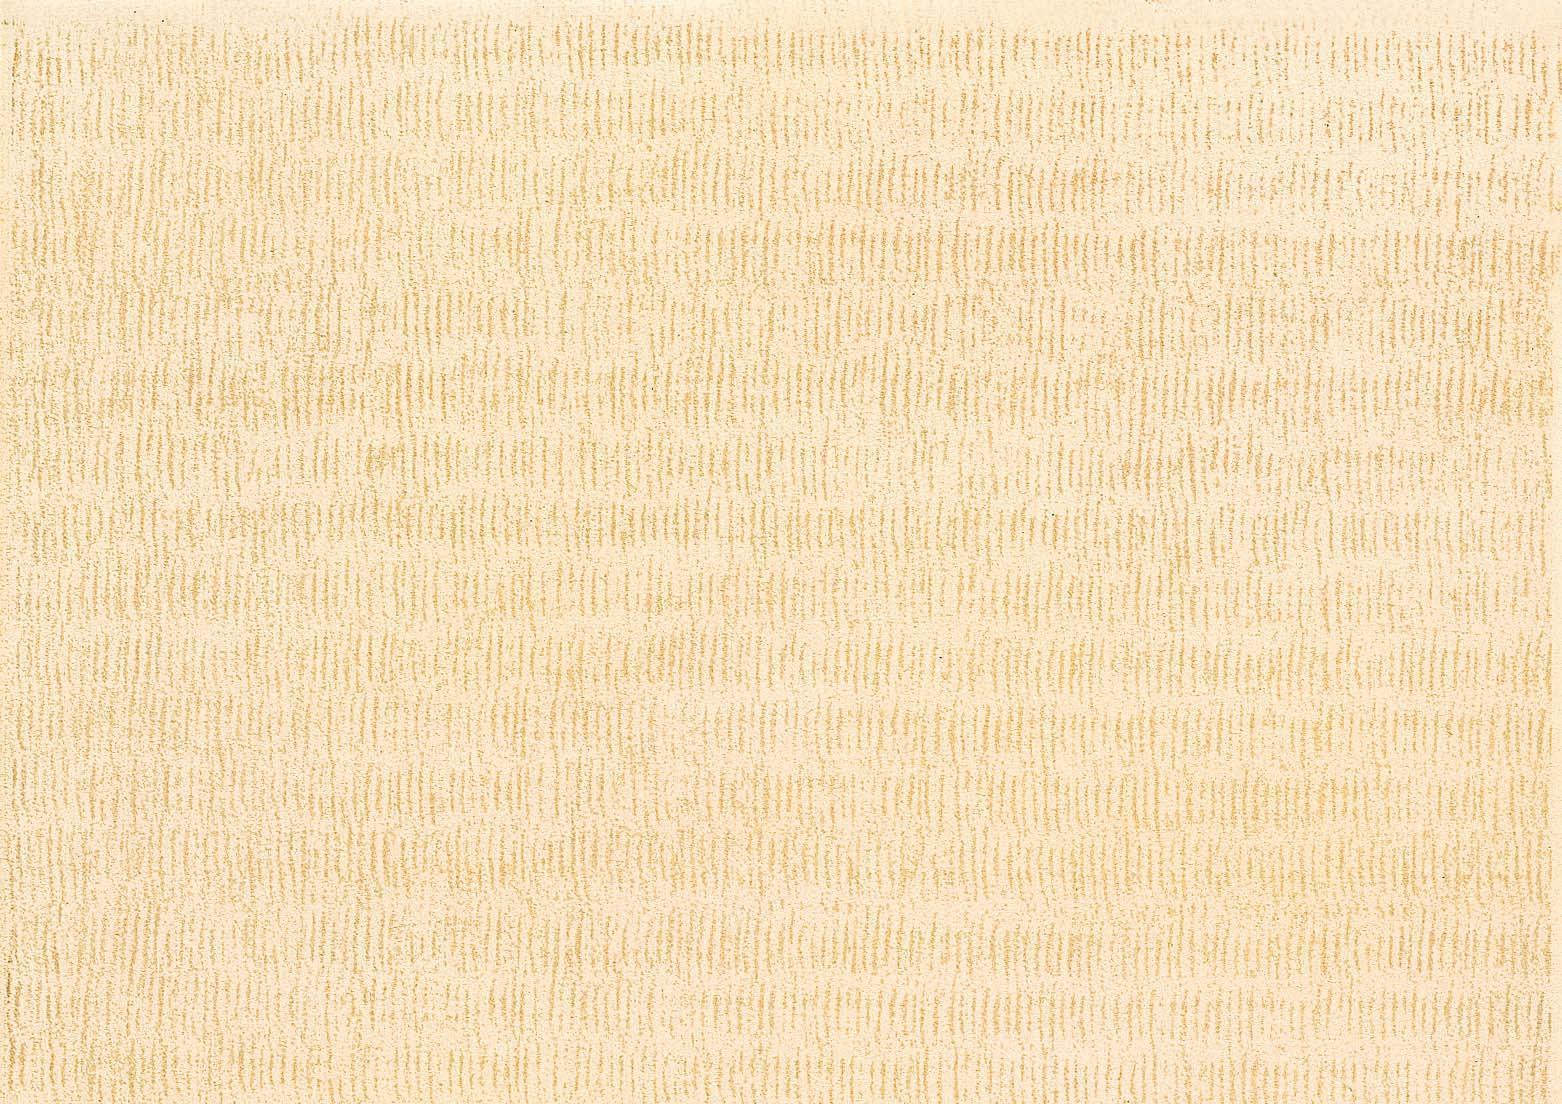 应牌瓷砖爱丽舍时尚内墙砖M3K-E1302M3K-E1302